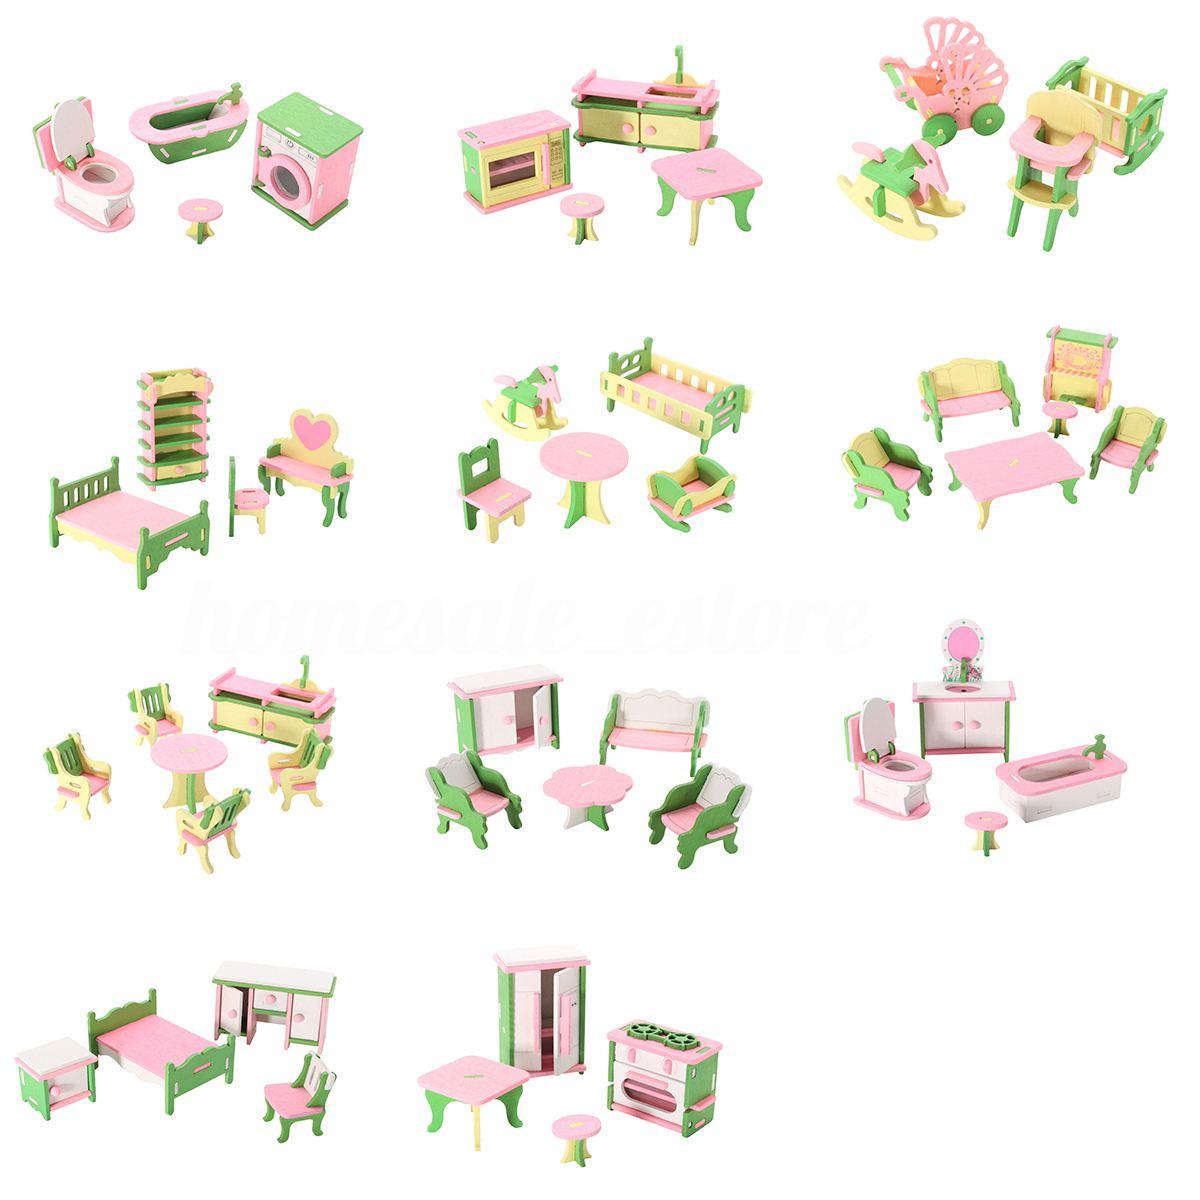 49 pcs 11 ensembles Bébé Meubles En Bois Maison de Poupée Miniature Enfant Jouer Jouets Cadeaux